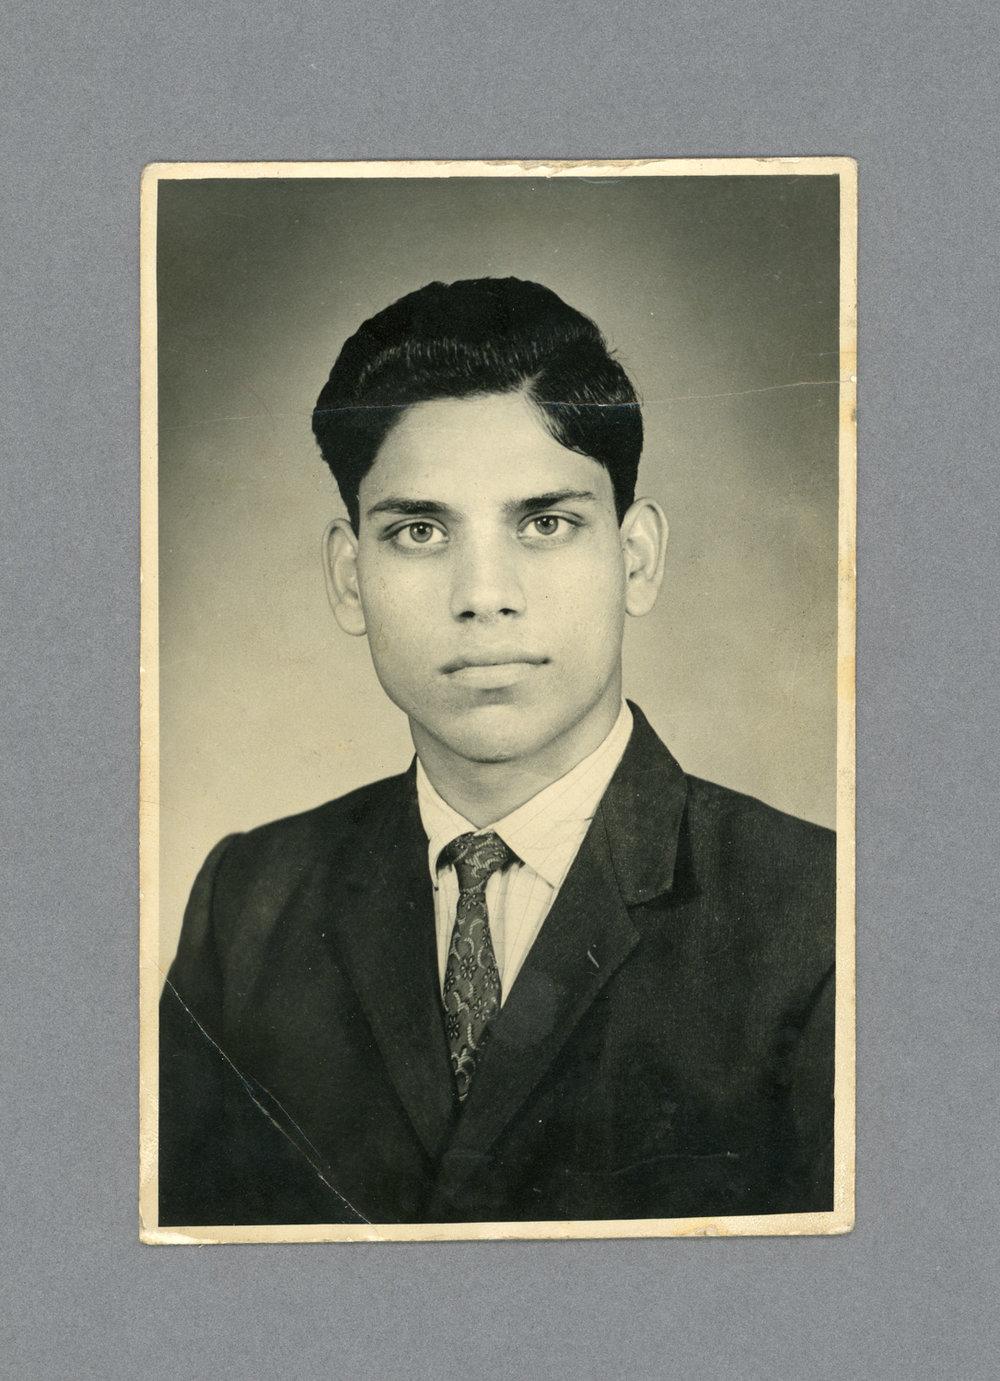 Punjab c.1970